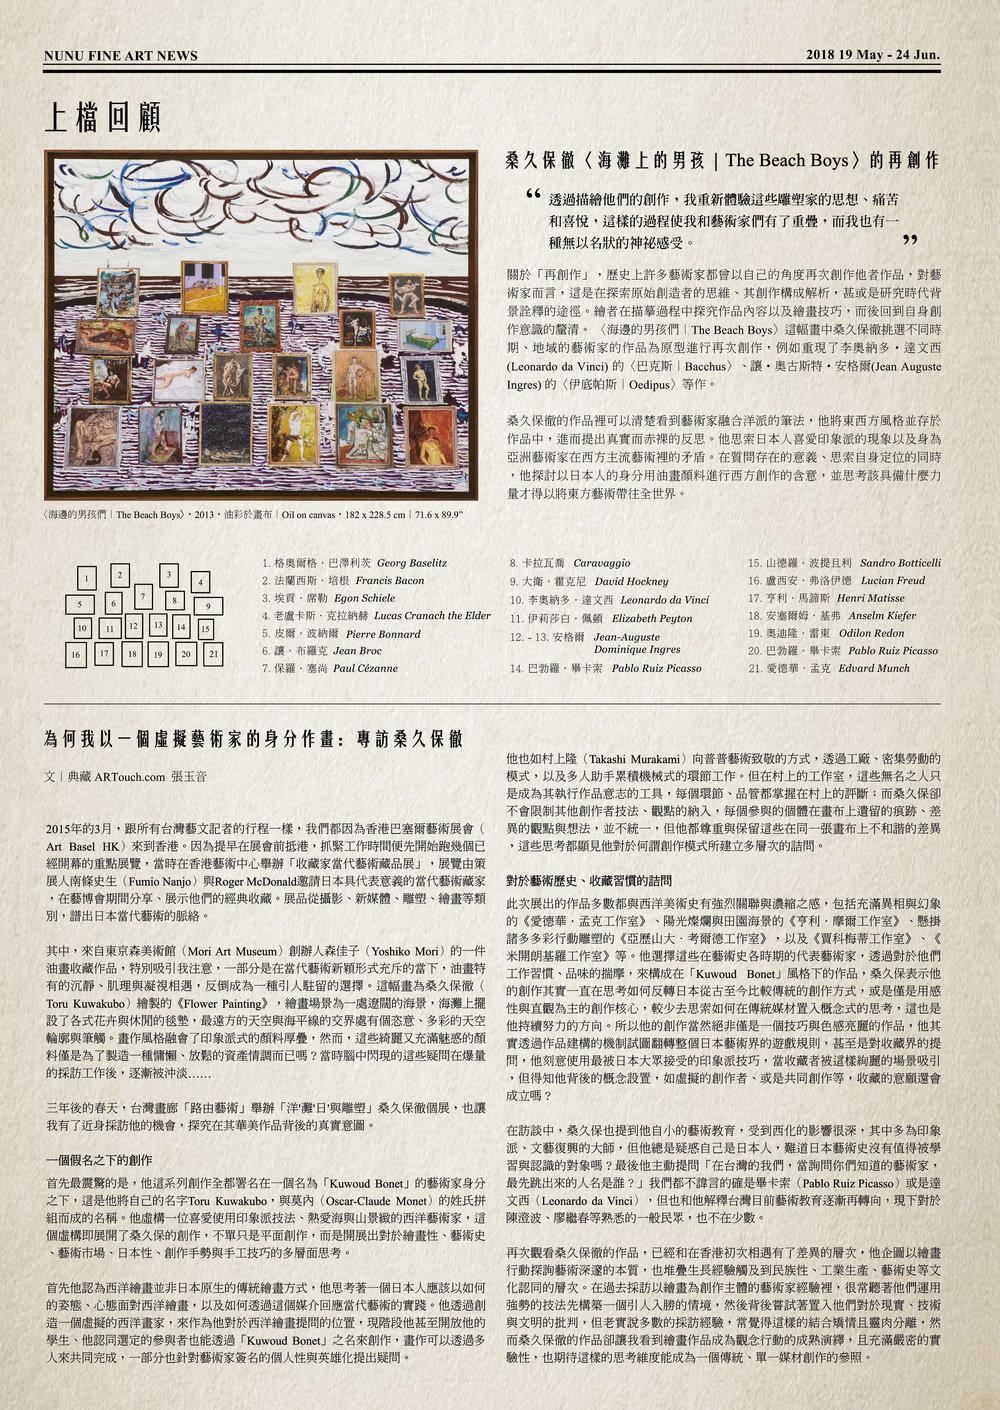 吳怡蒨paper p3.jpg